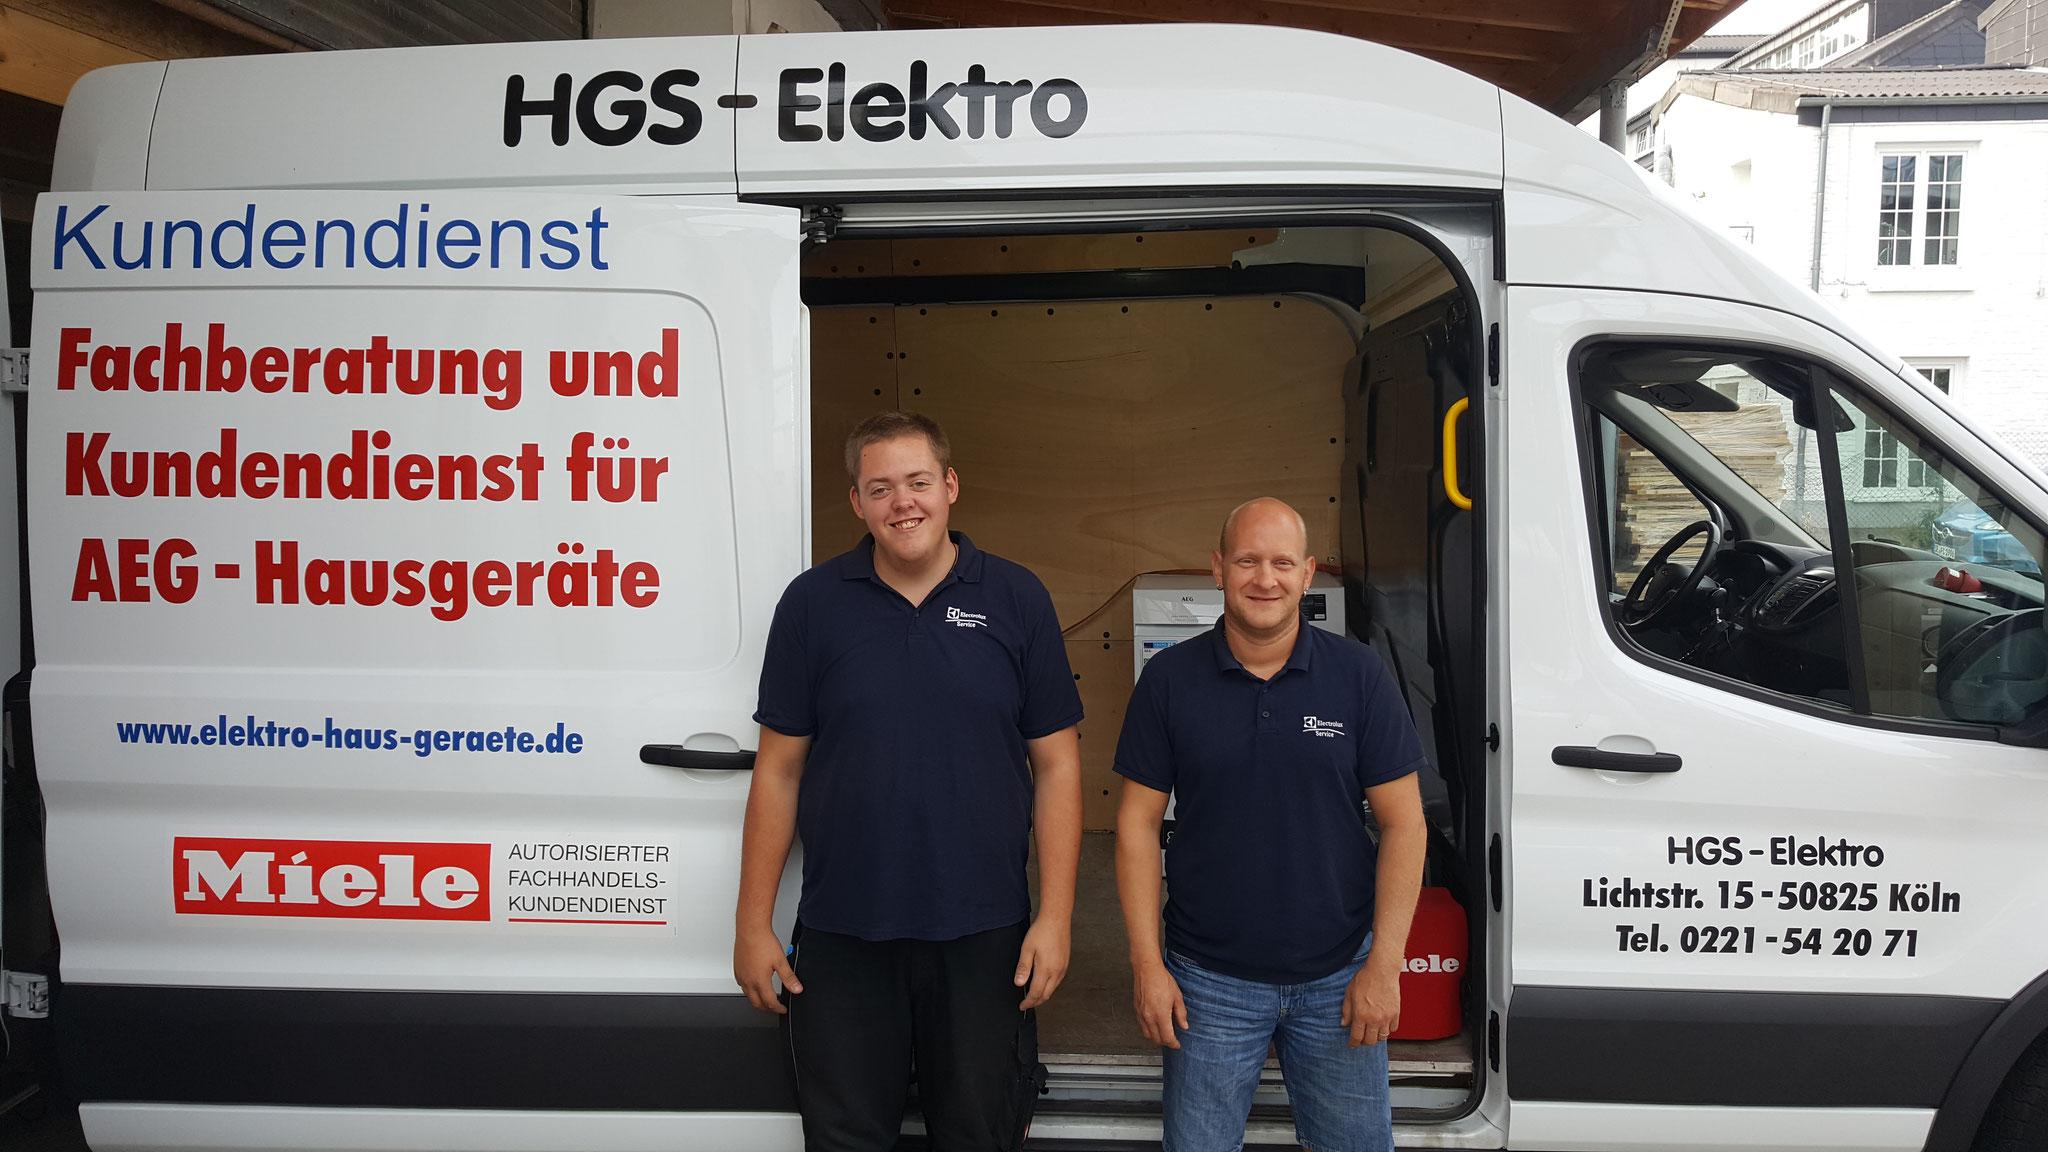 HGS Elektro Lieferung und Montage Service seit 1986 in Köln